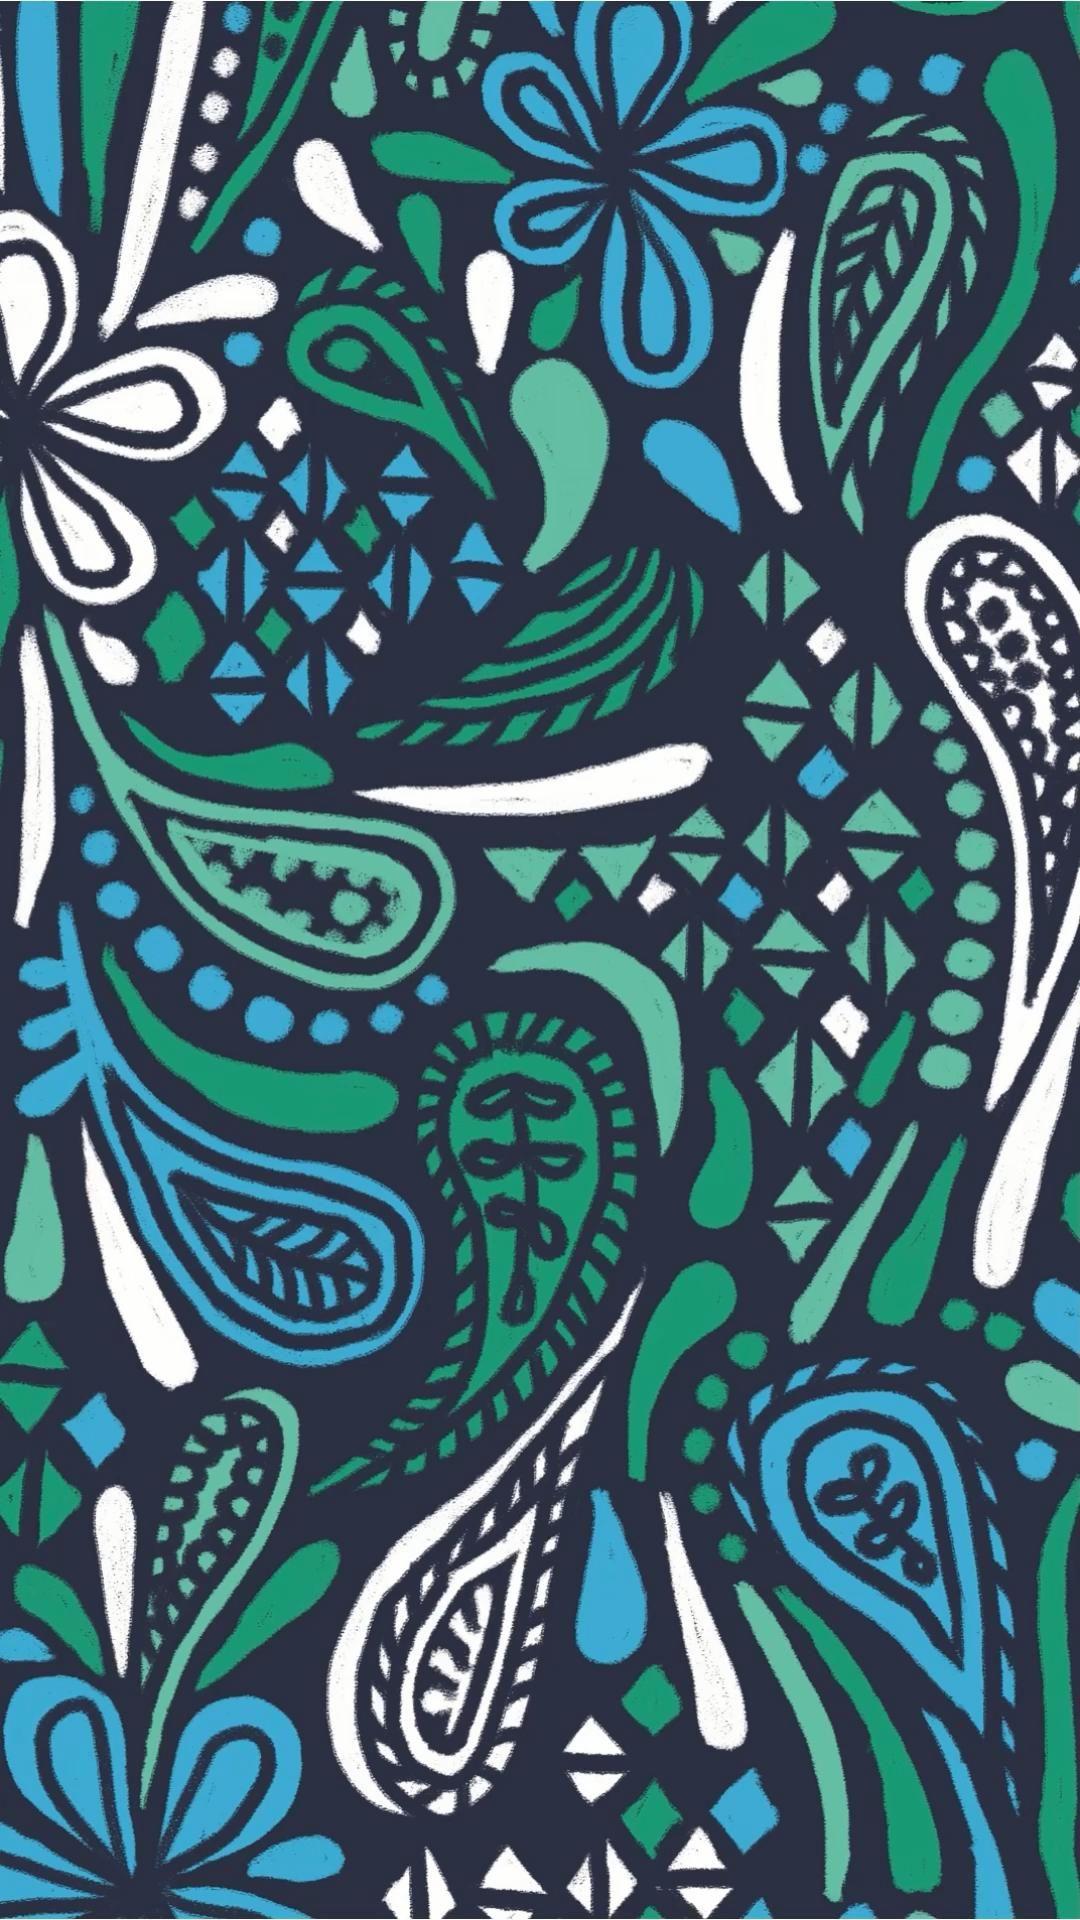 Ocean Paisley Digital Painting